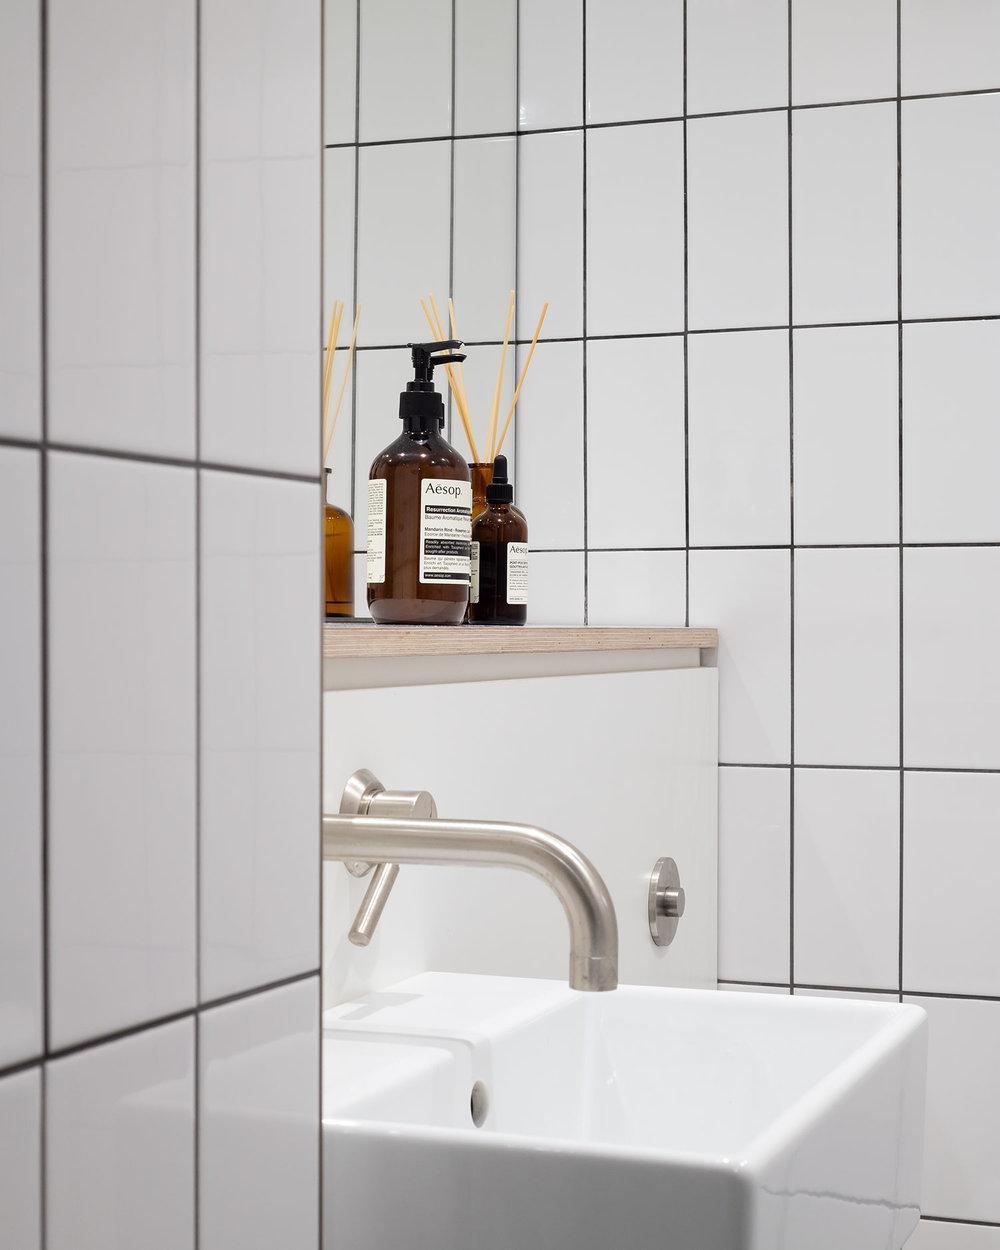 Architecture-London-Design-Freehaus-Workspace-Ink-Works-6.jpg